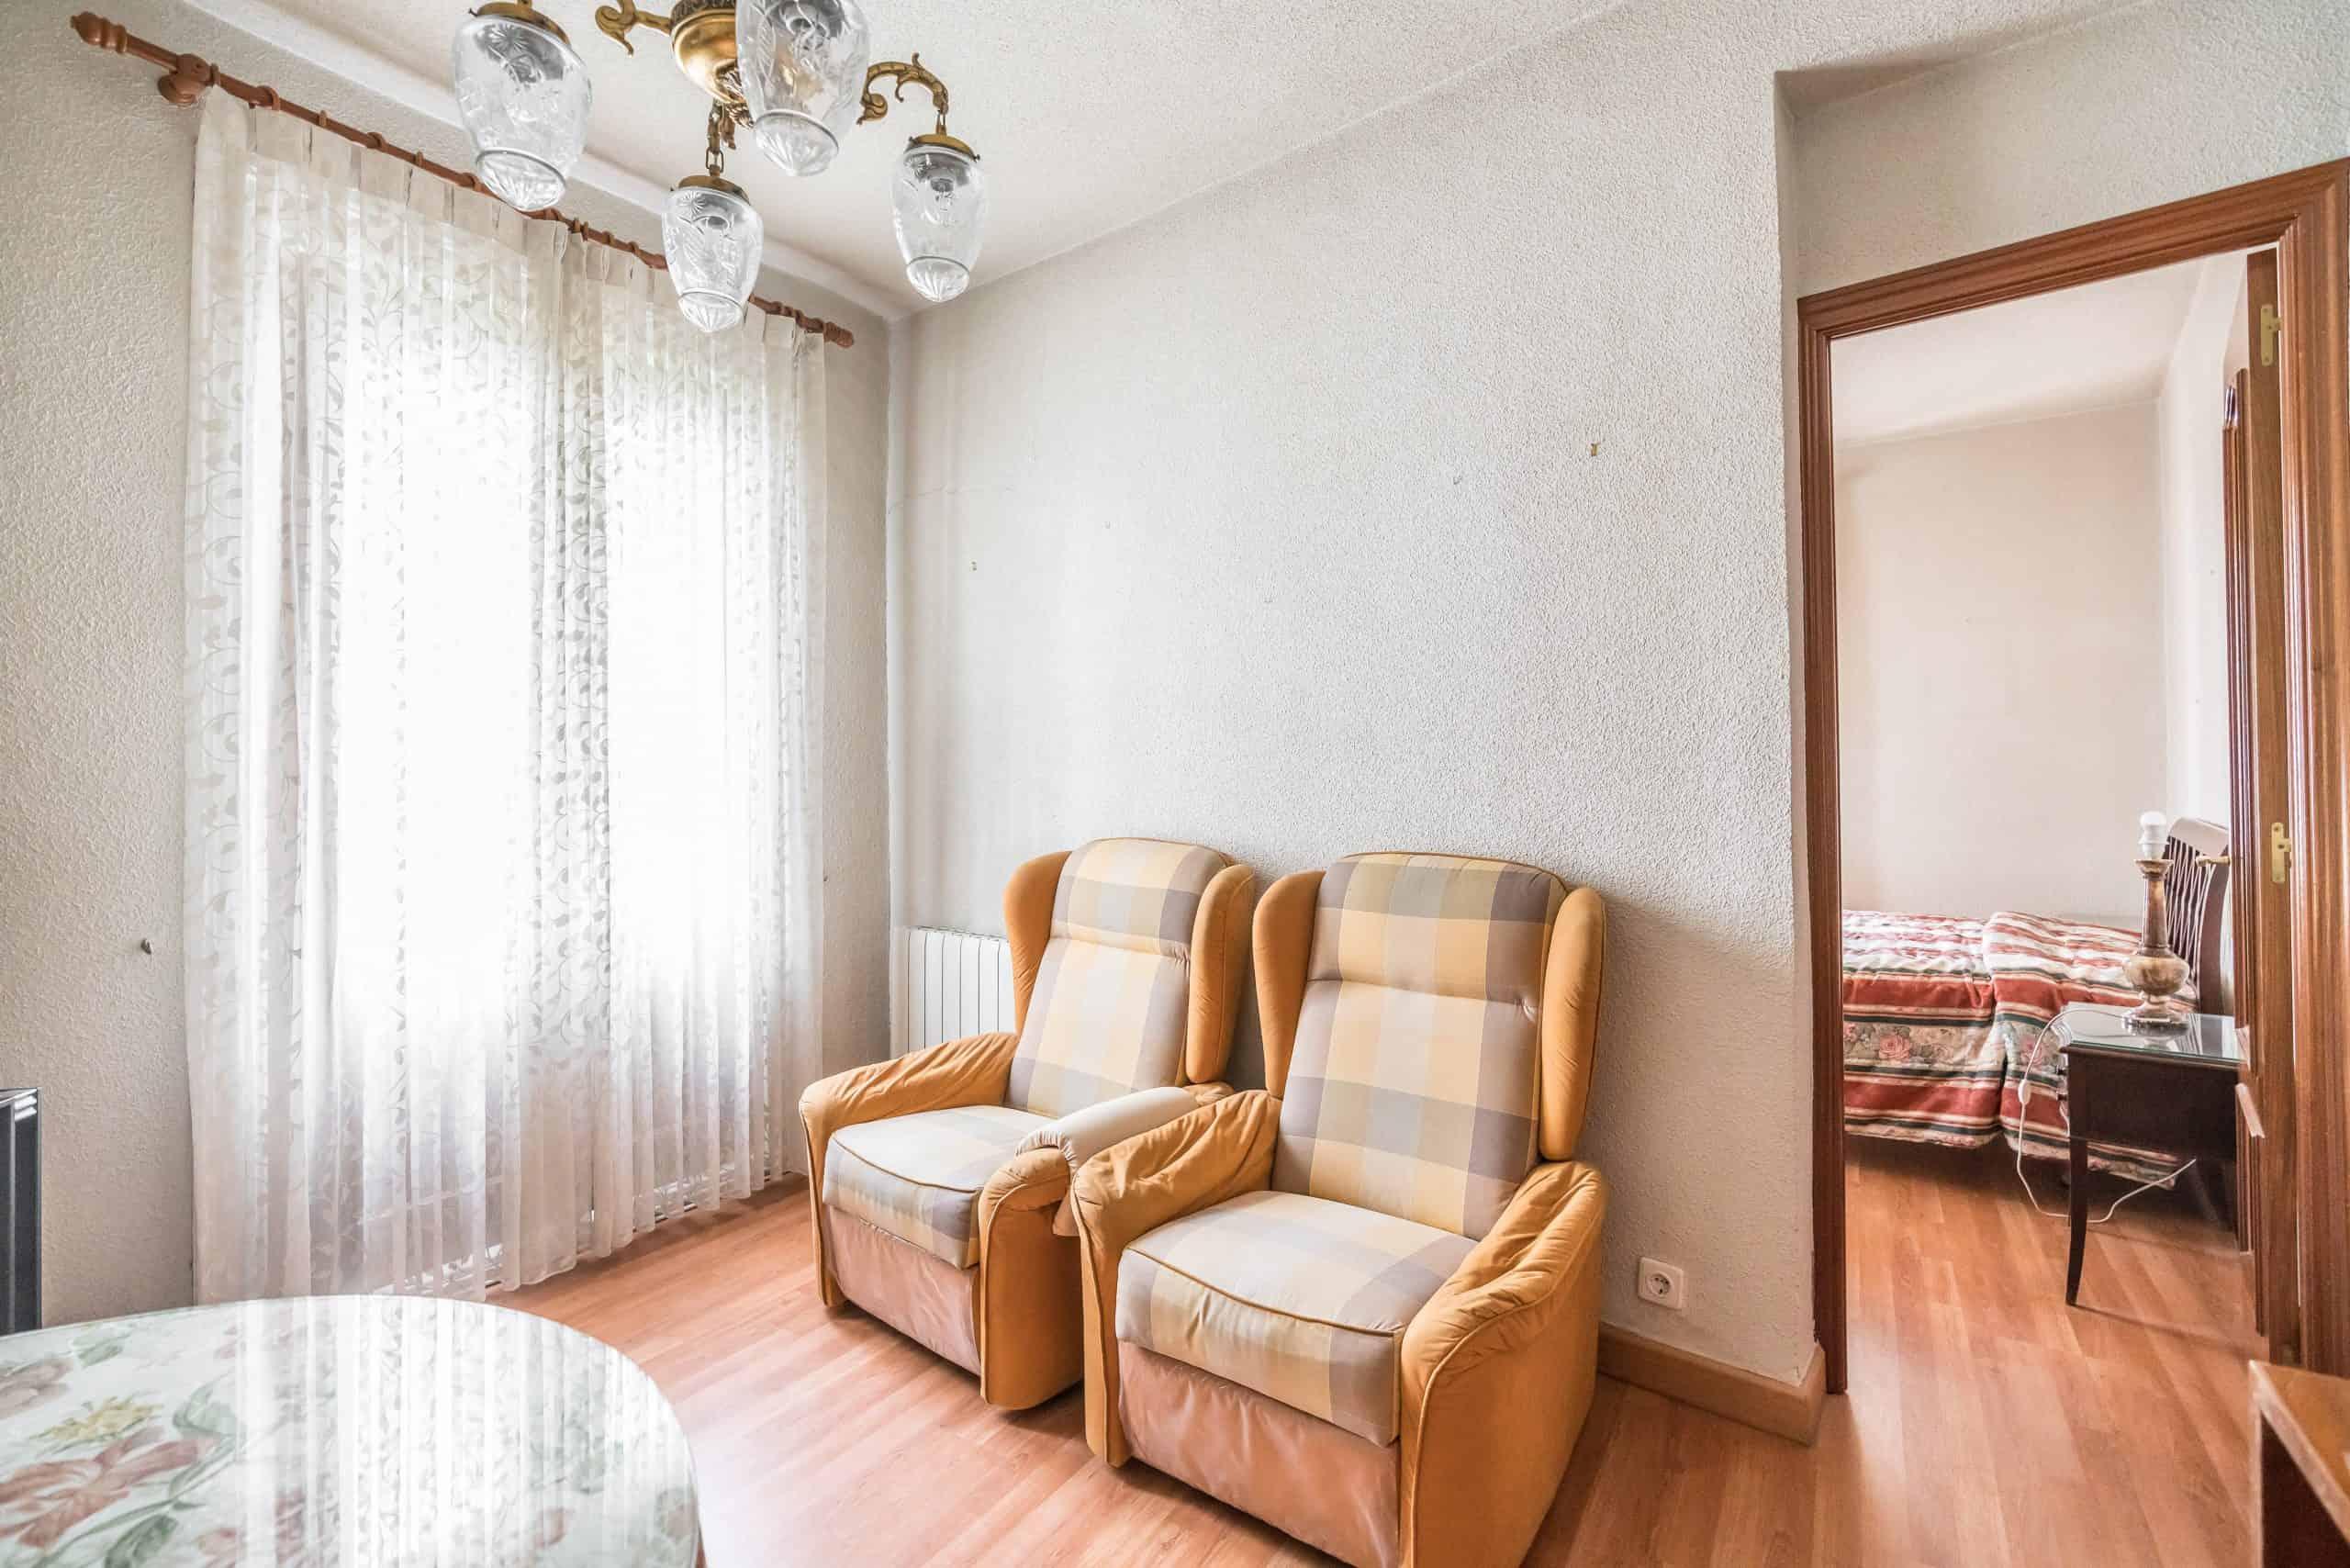 3 DORMITORIO2 (5) (Copy) Agencia Inmobiliaria de Madrid-FUTUROCASA-Zona ARGANZUELA-